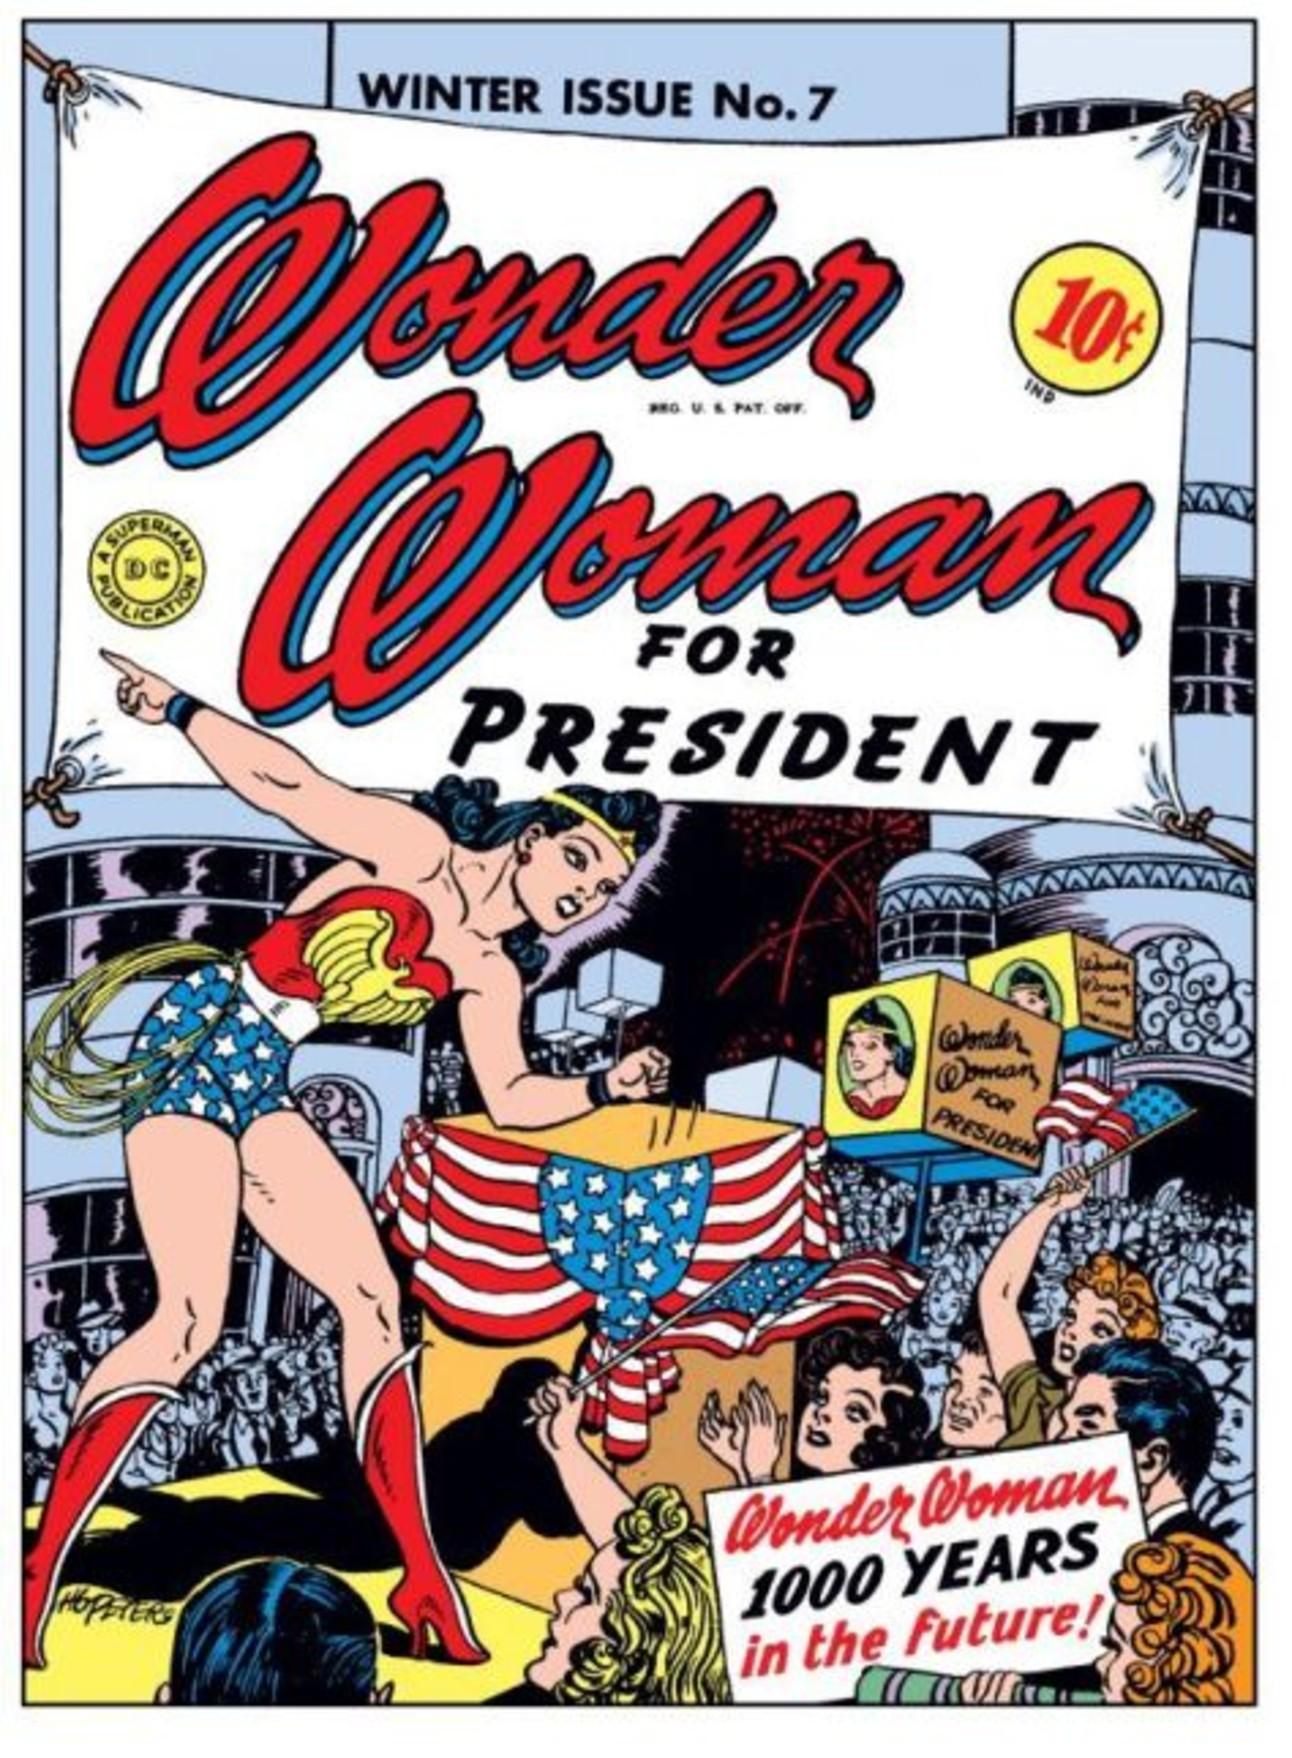 wonder-woman-for-president.jpg